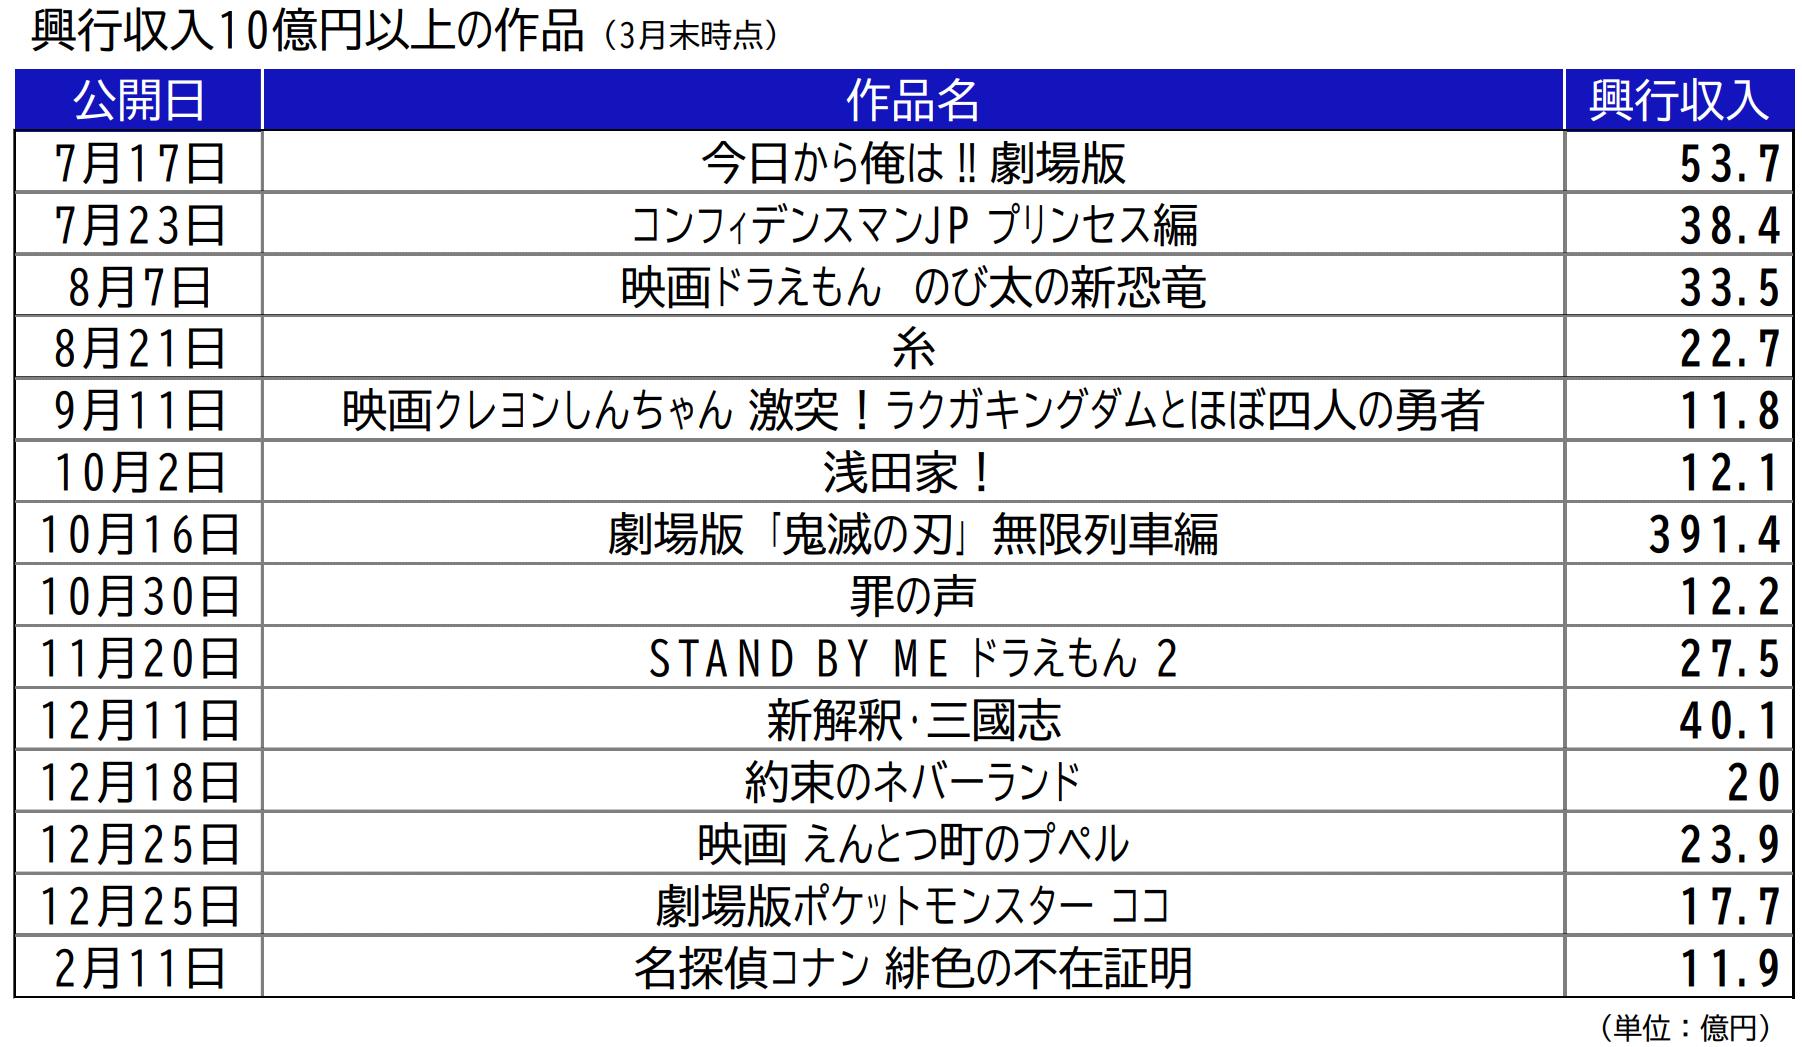 東宝:興行収入10億円以上の作品